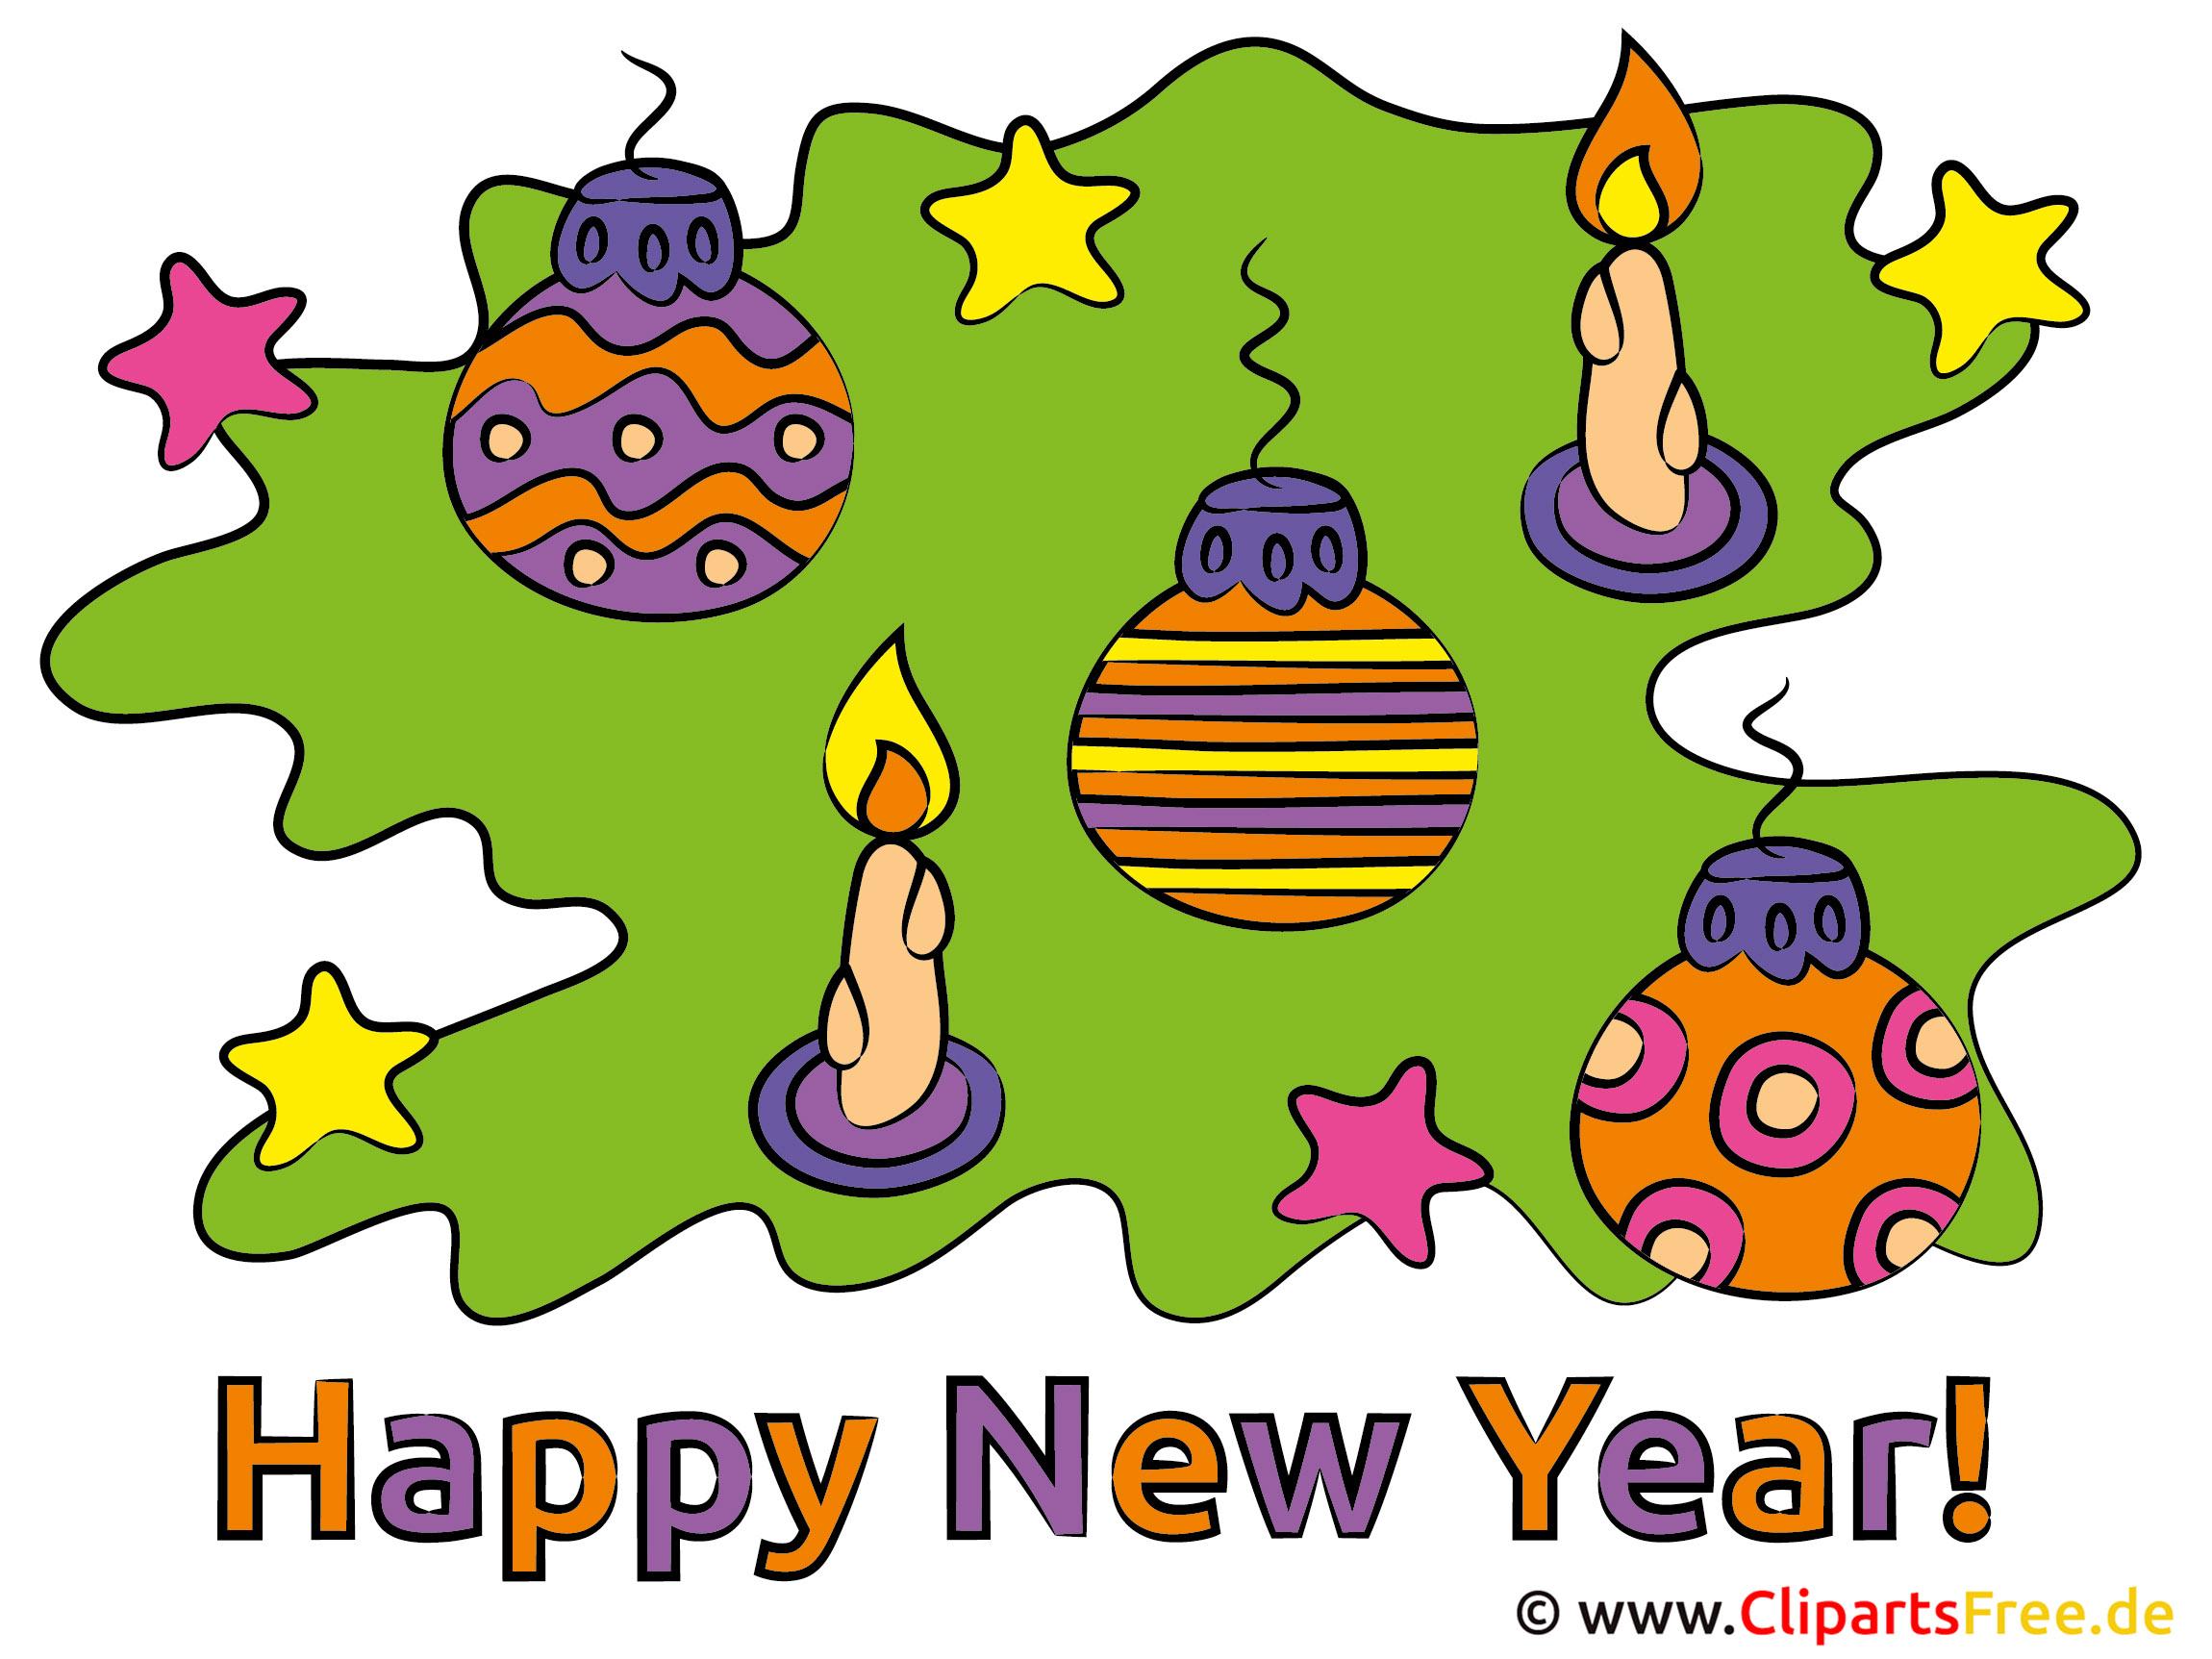 Neujahrswünsche mit Bildern